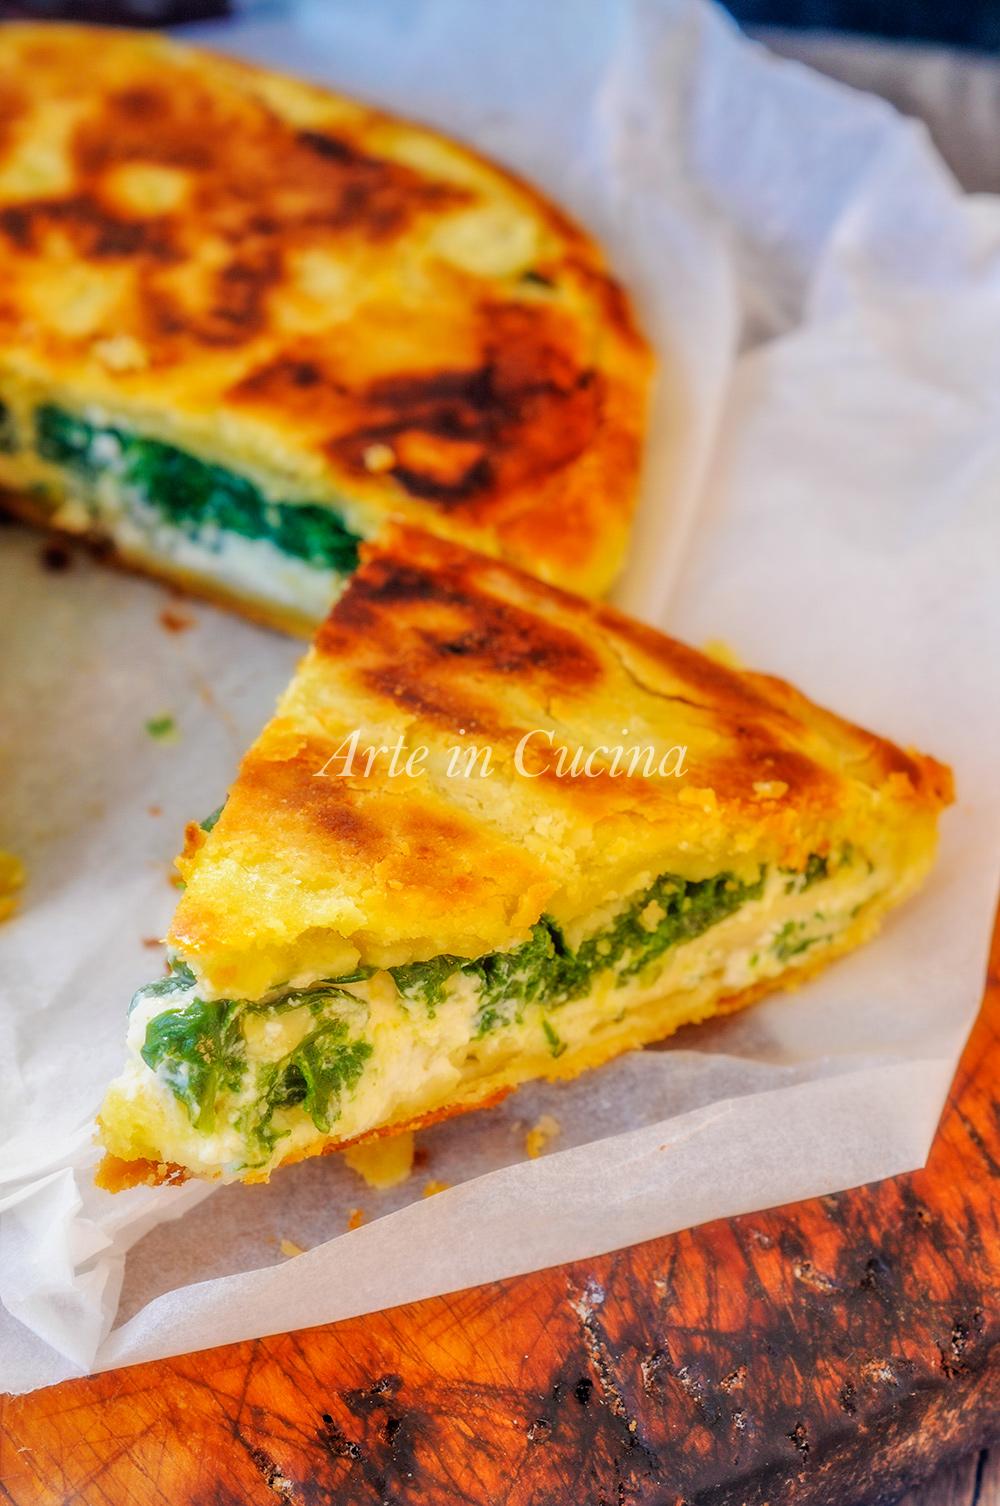 Pizza rustica spinaci e ricotta ricetta veloce vickyart arte in cucina